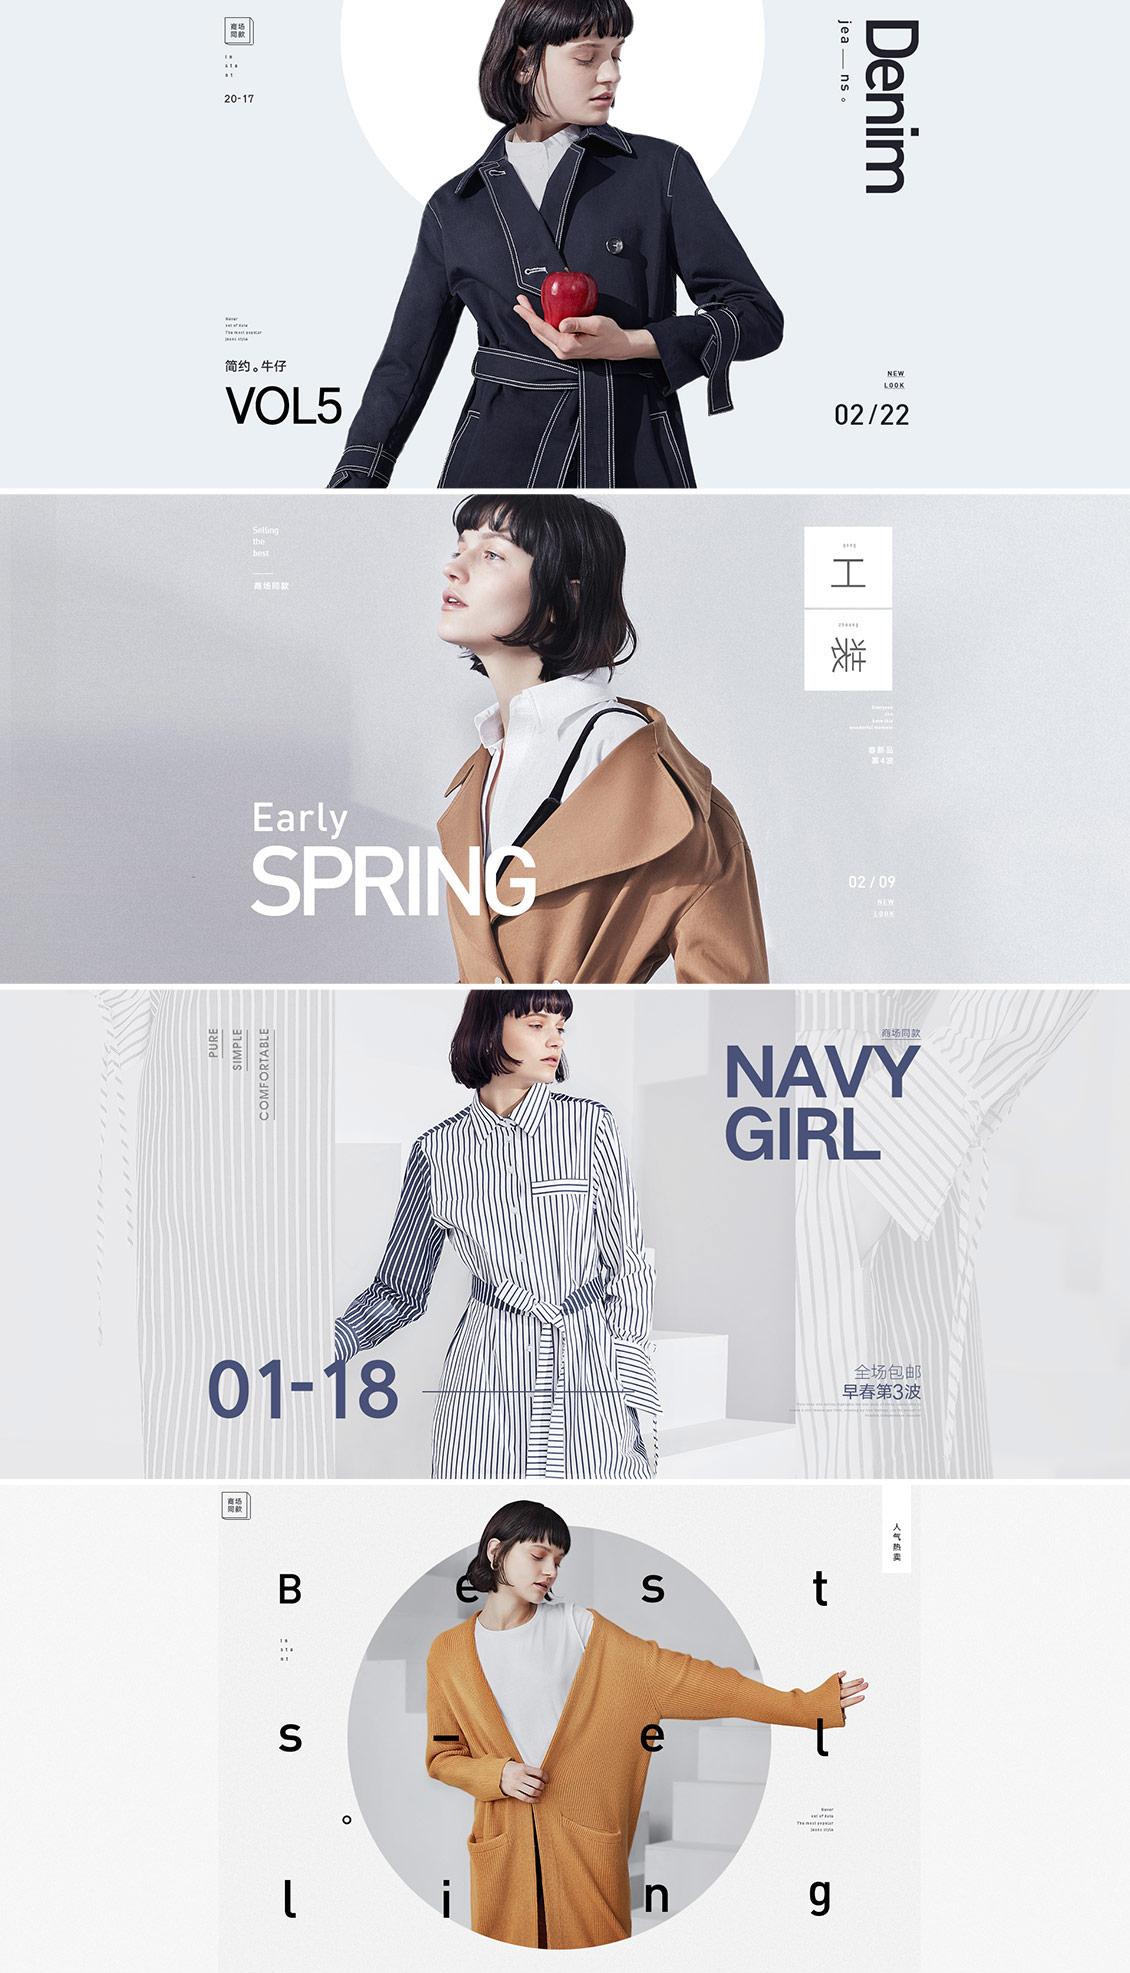 麥檬高端時尚服飾女裝banner海報設計